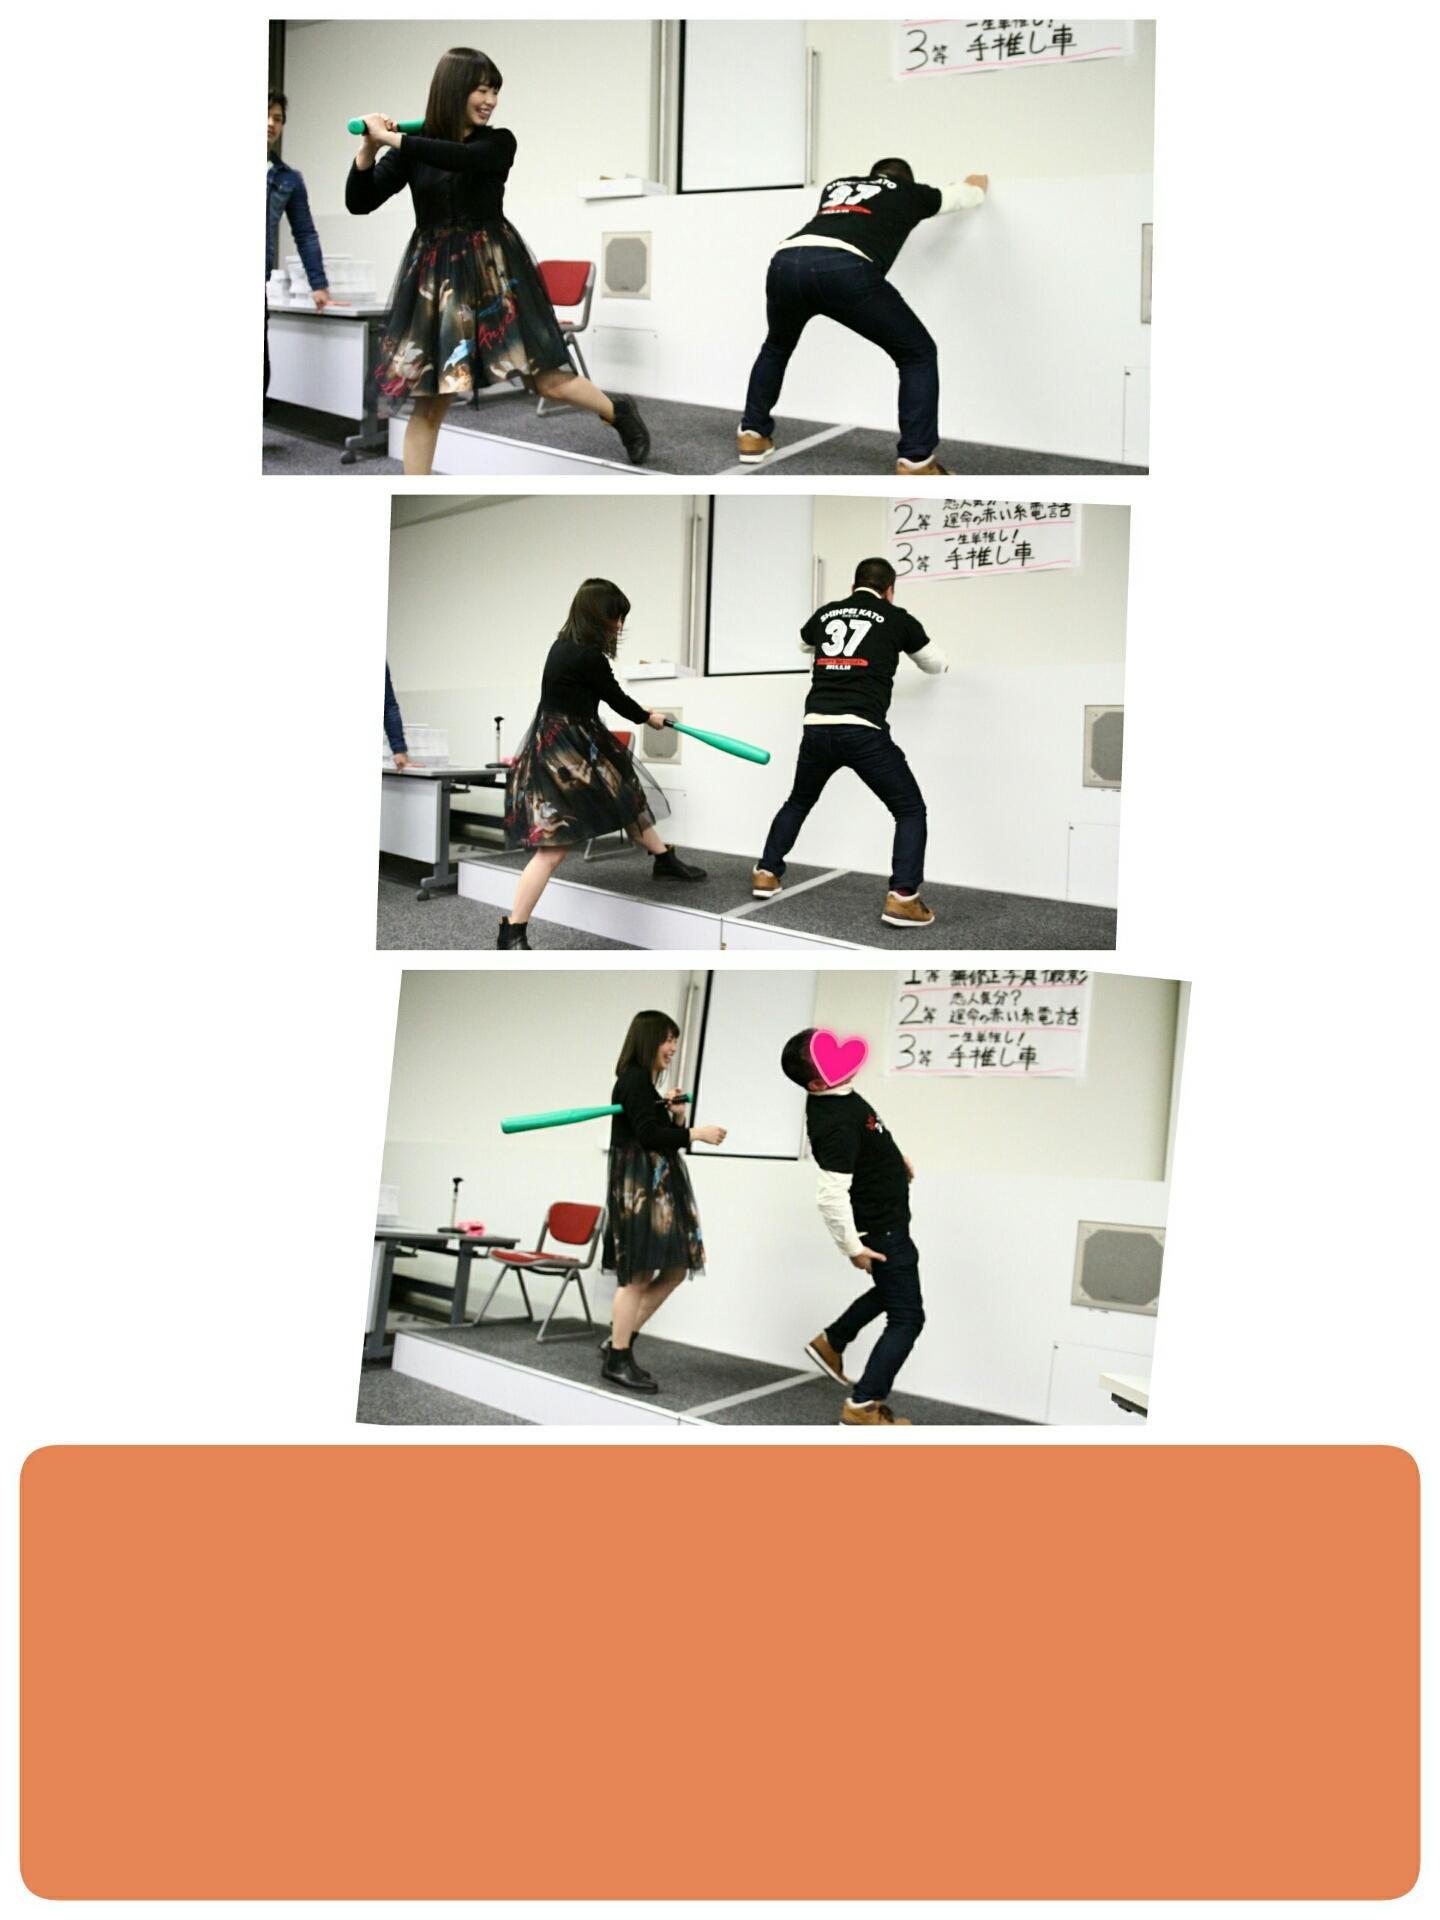 【SKE48】松村香織応援スレ★188【1コメダ】YouTube動画>37本 dailymotion>1本 ->画像>588枚